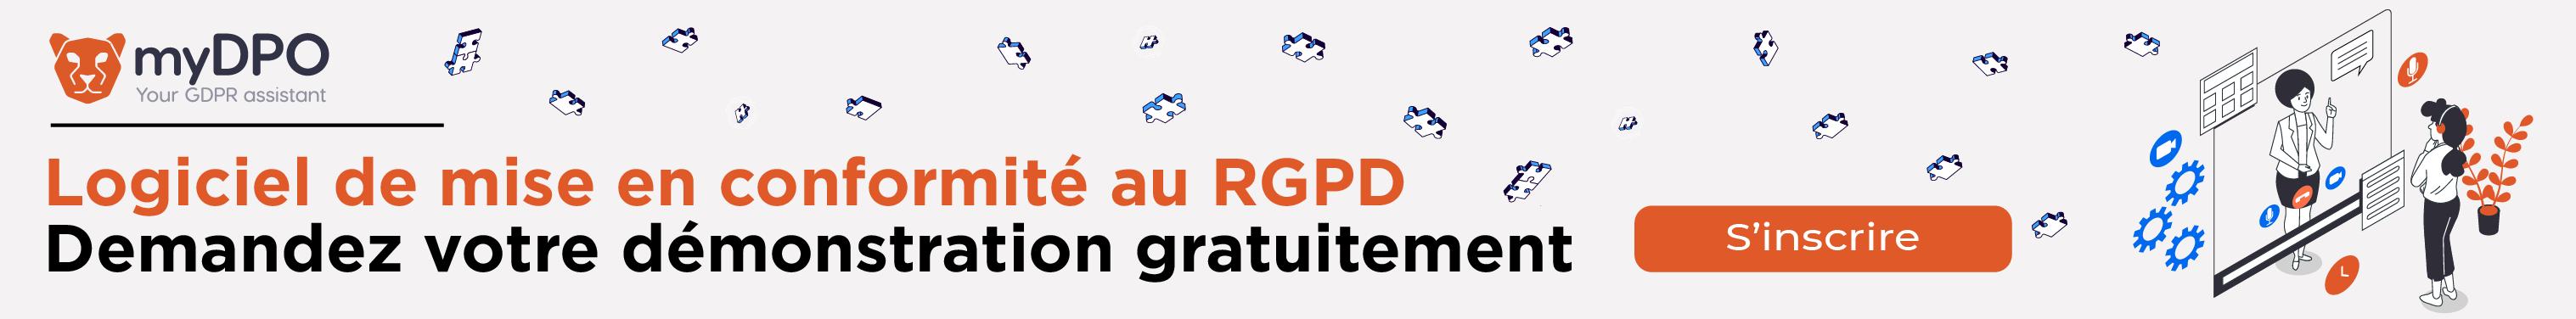 myDPO Bannière Newsletter_Solutions Numerique_